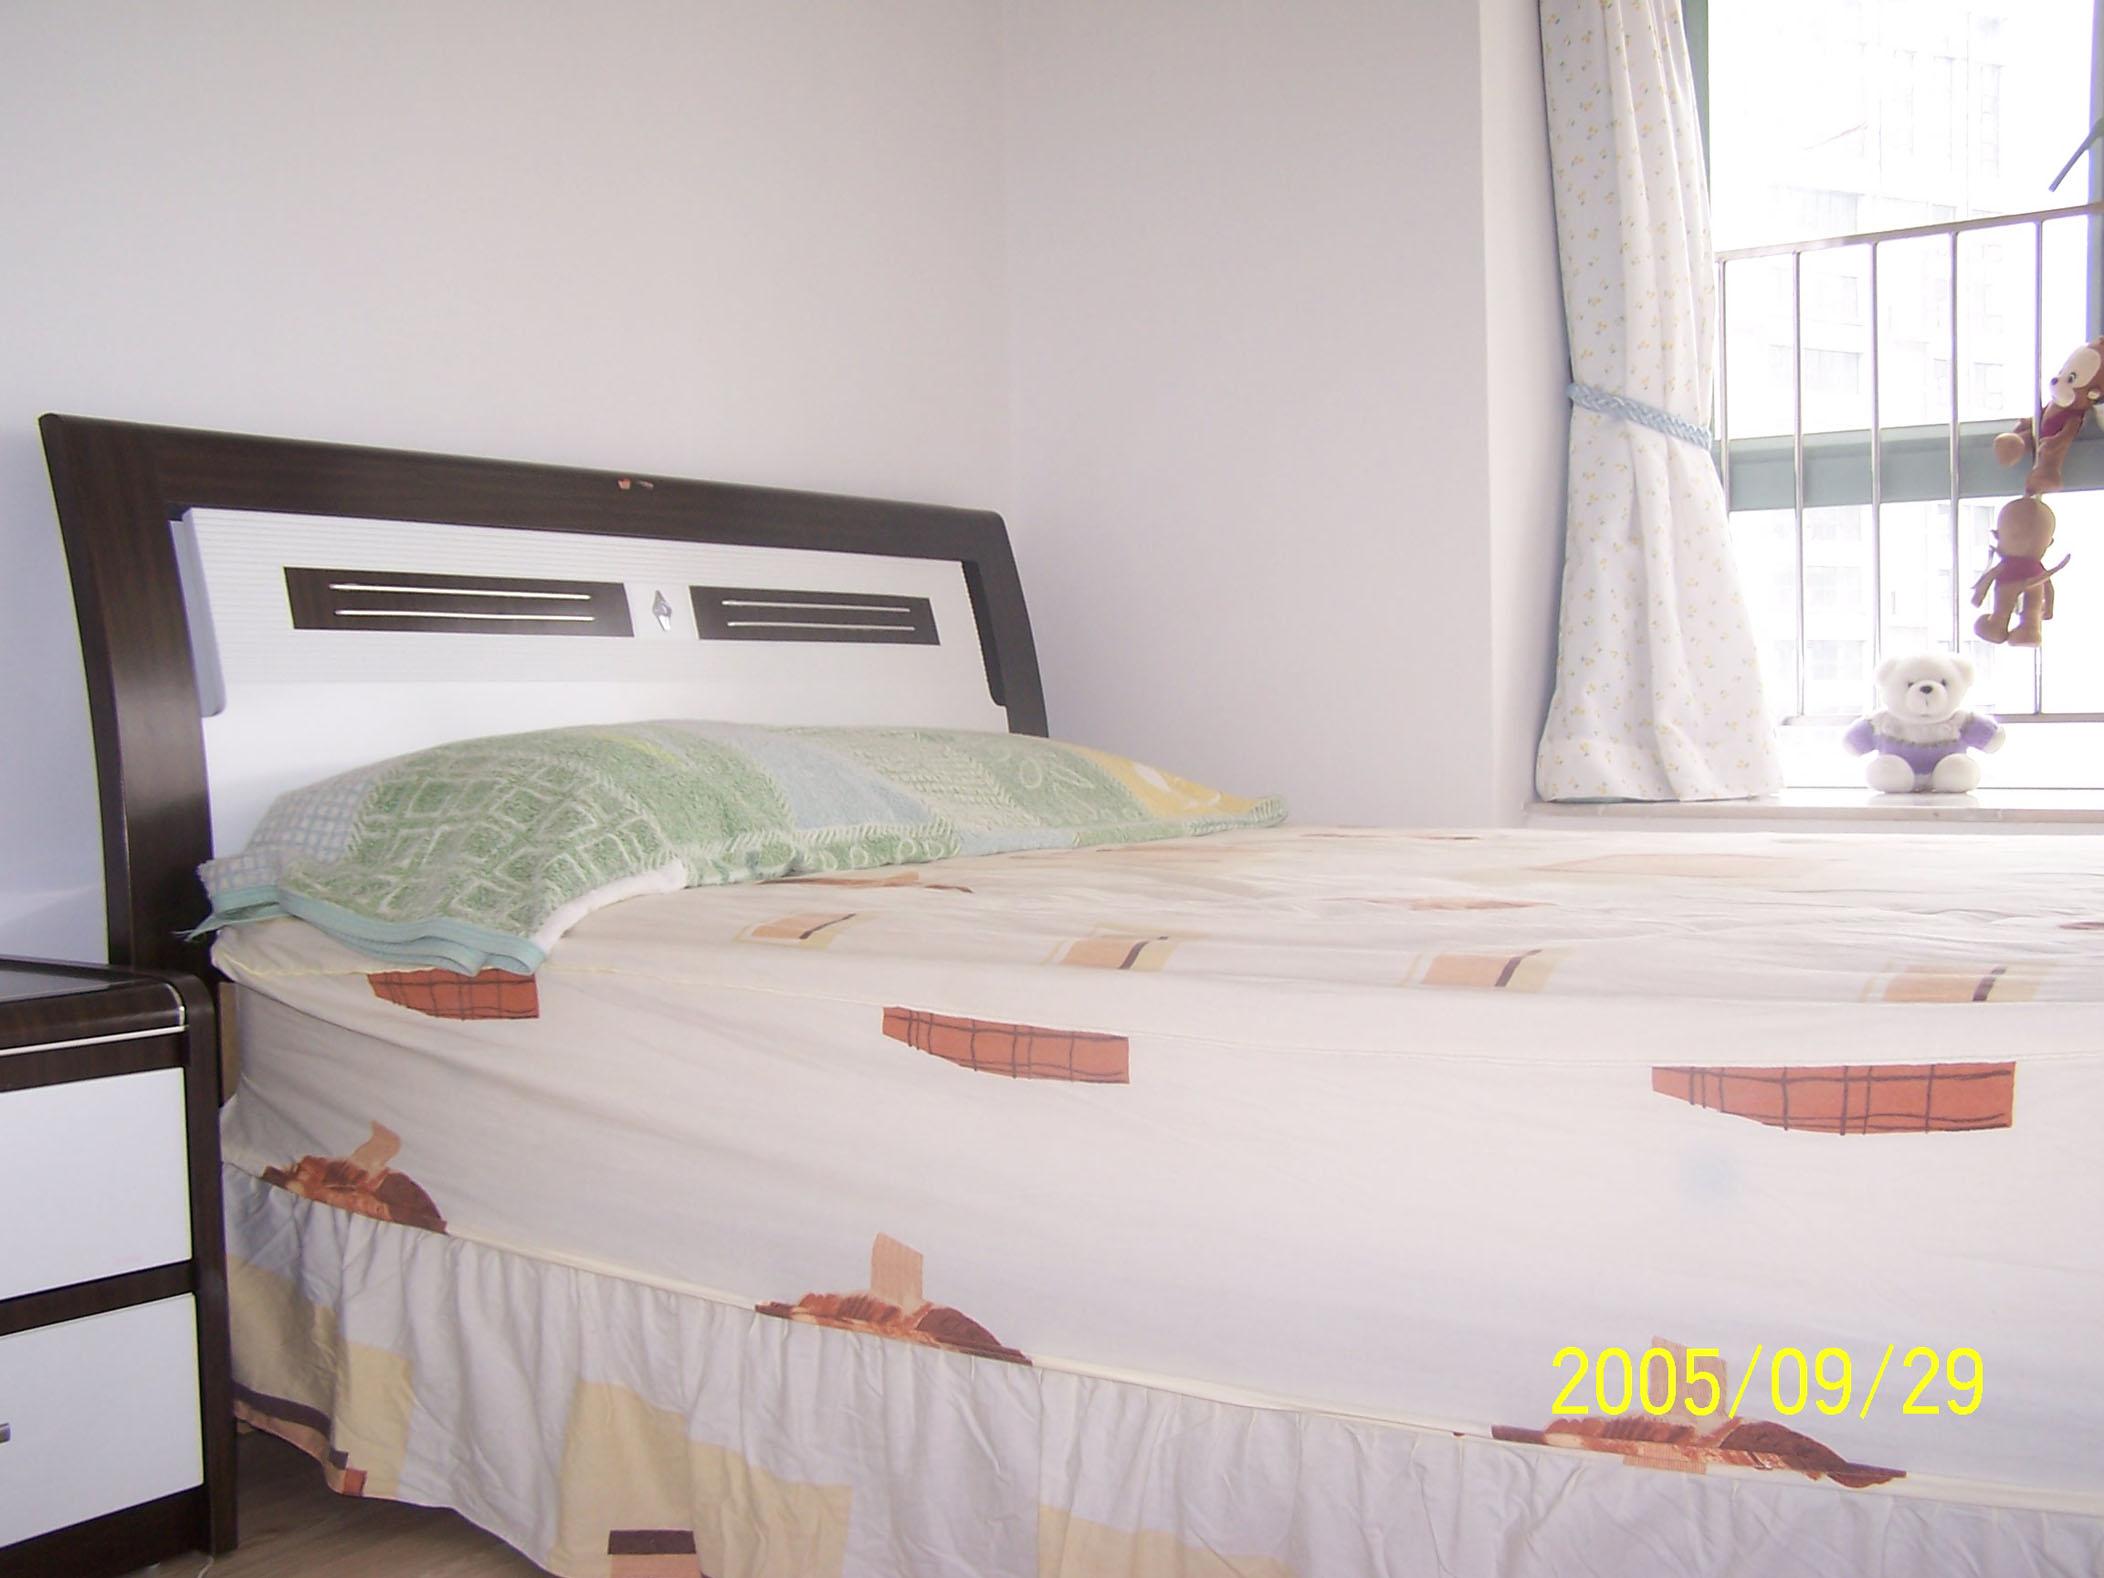 背景墙 床 房间 家居 家具 设计 卧室 卧室装修 现代 装修 2104_1578